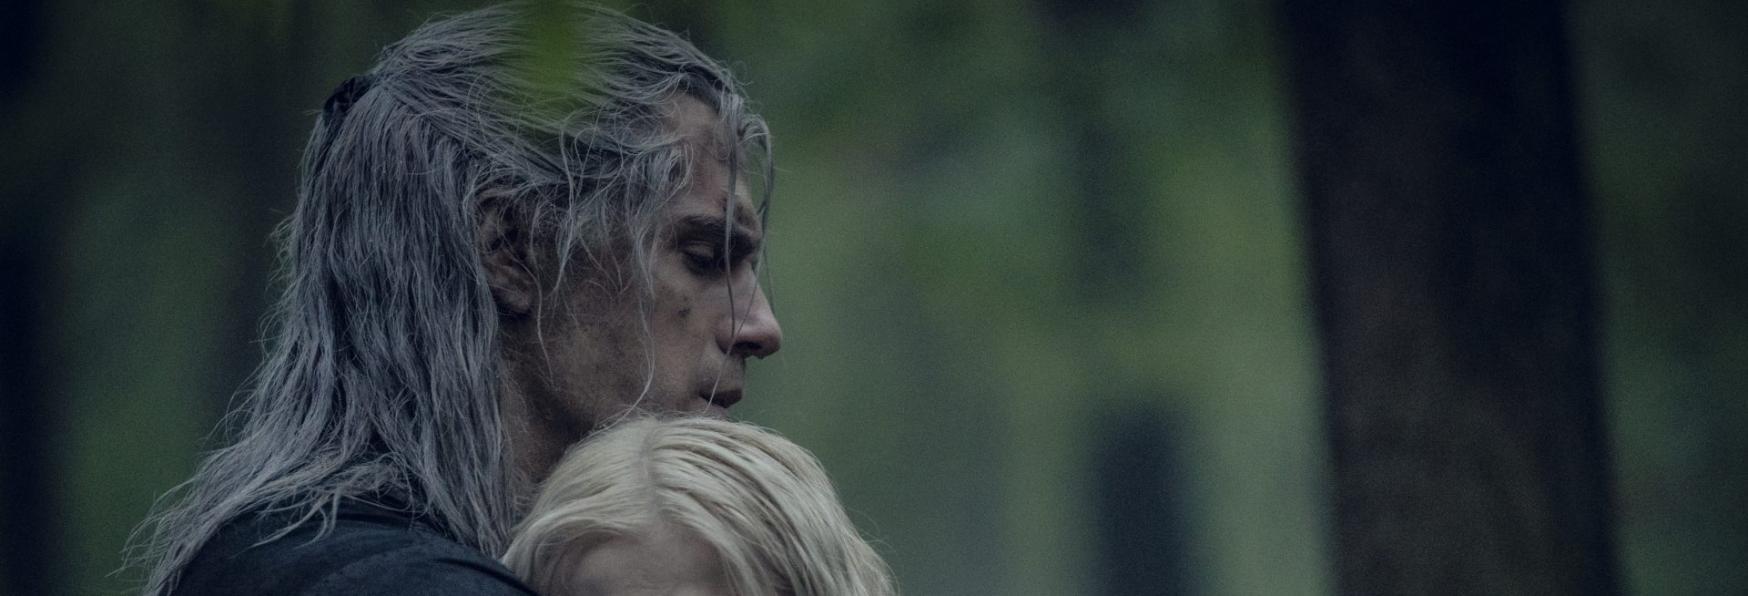 The Witcher: iniziata la Scrittura della 3° Stagione della Serie TV targata Netflix